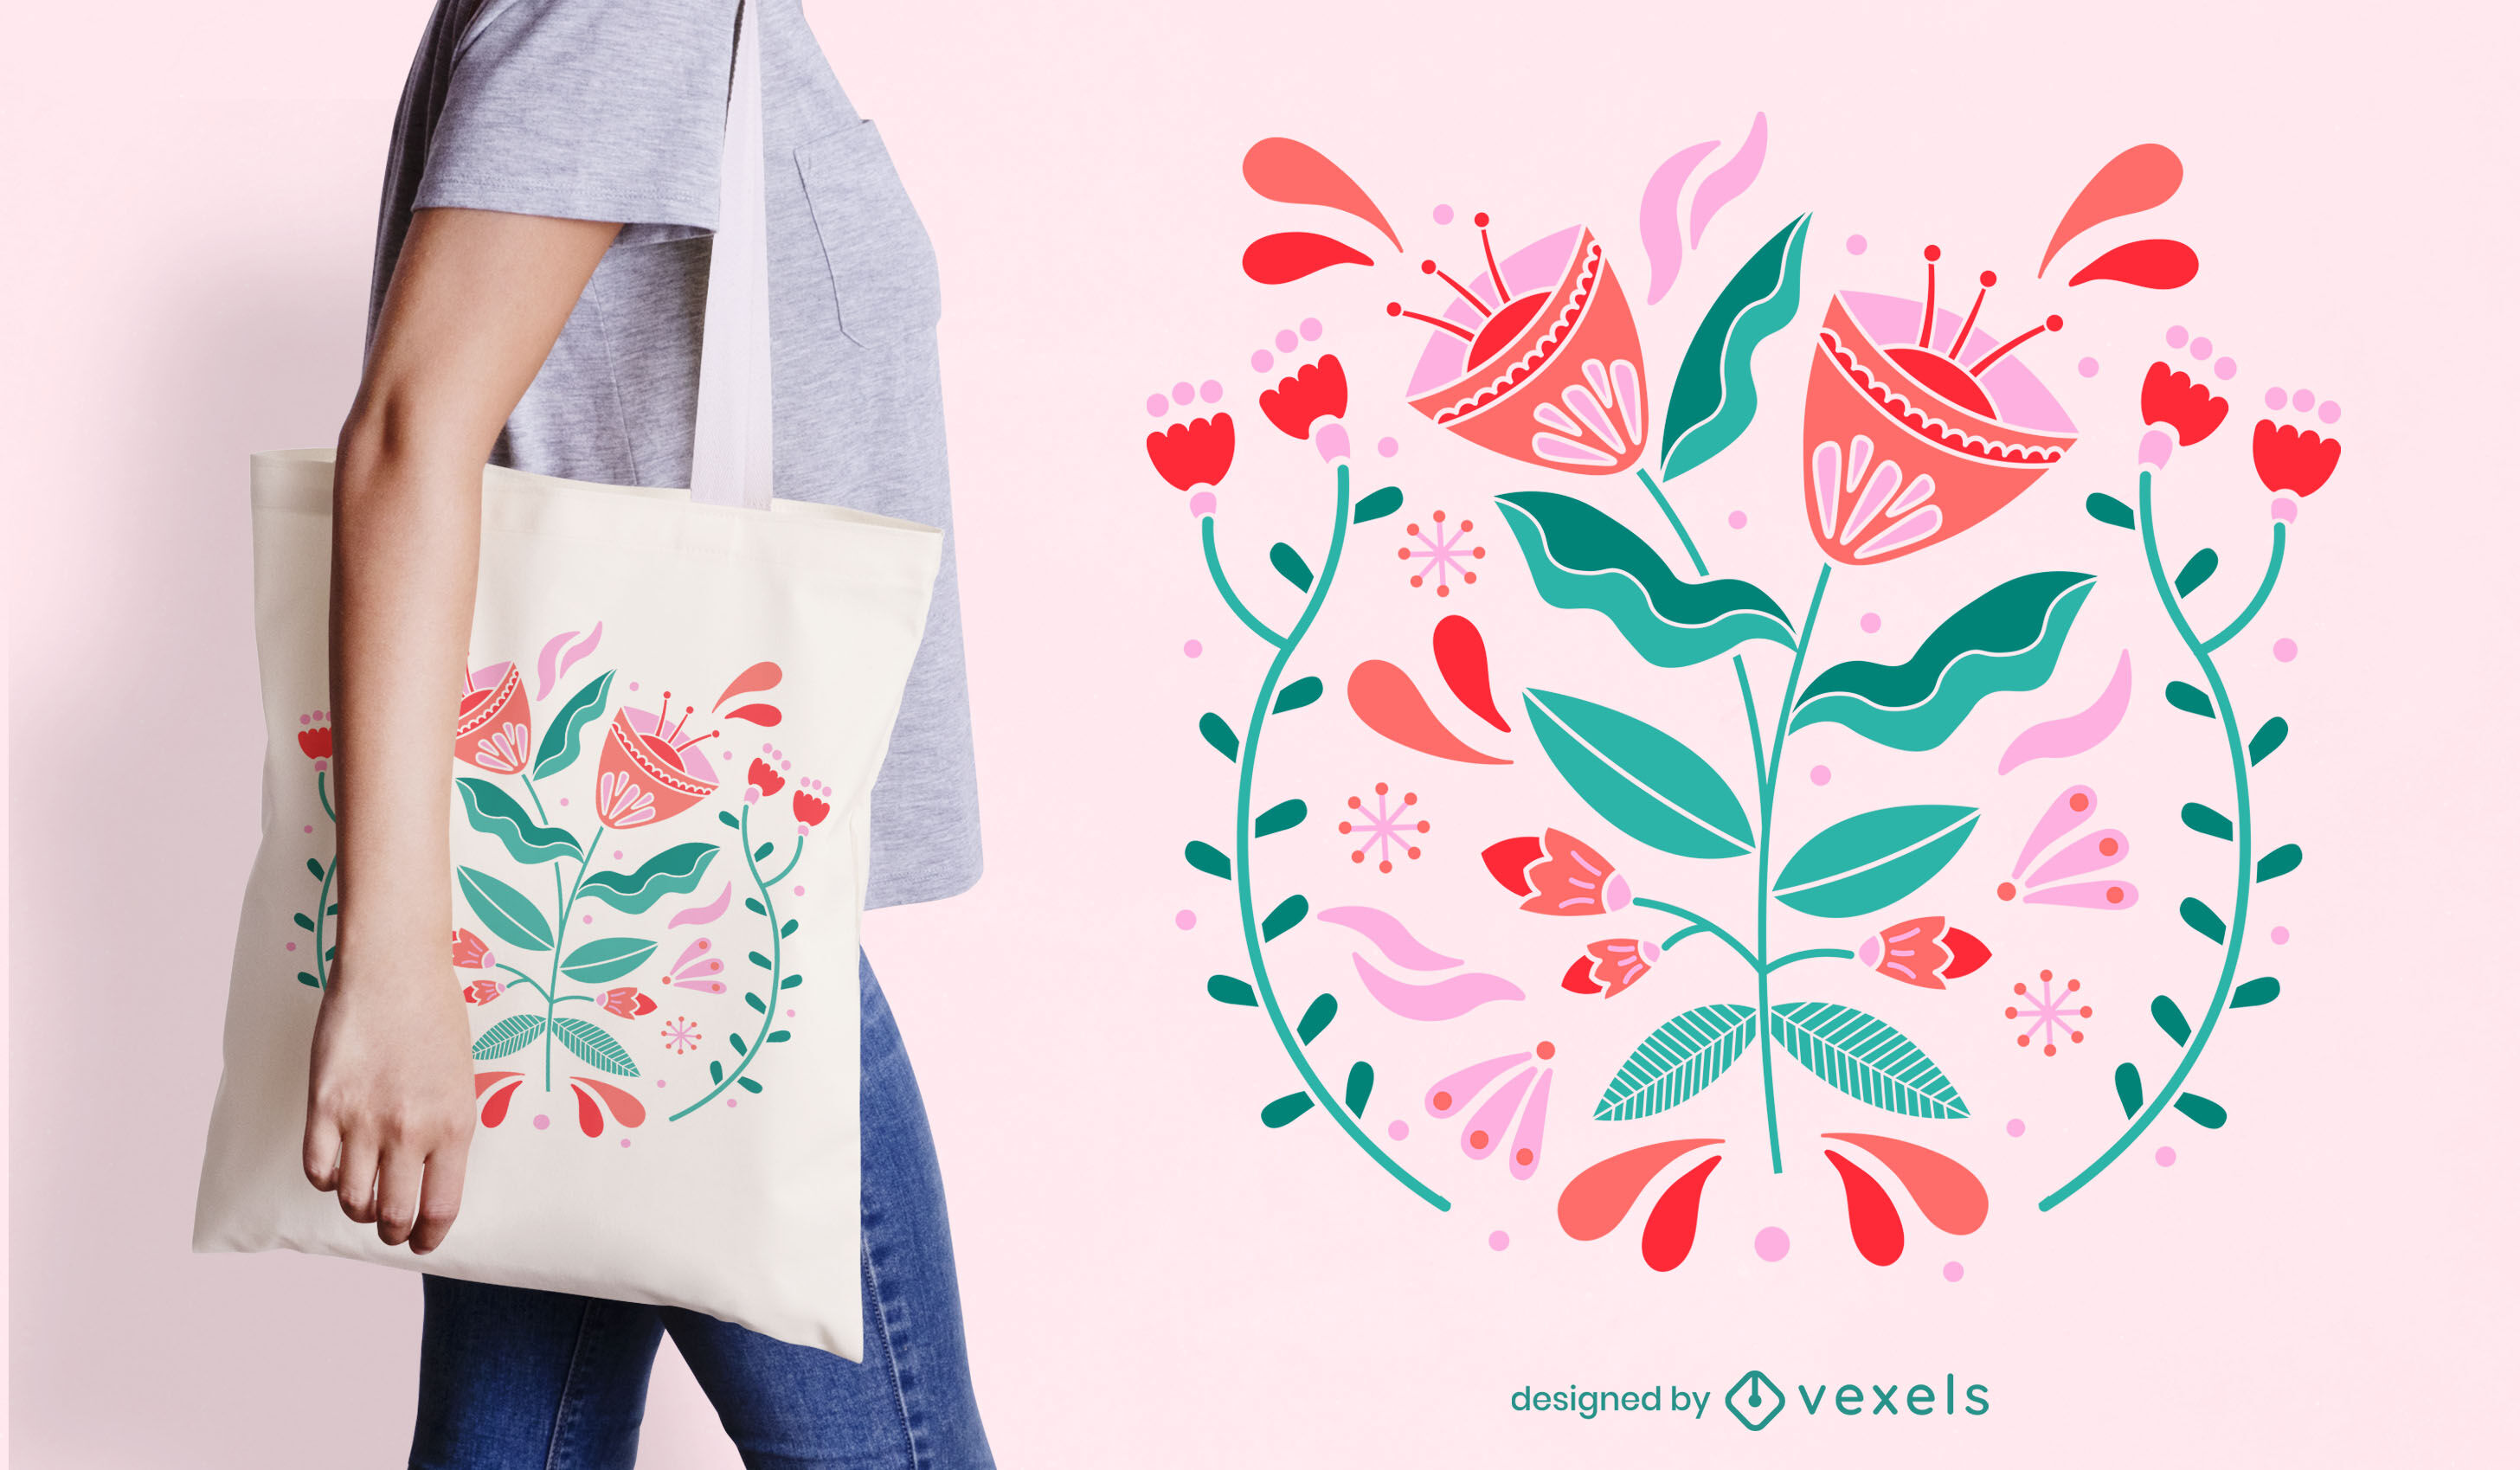 Botanisches Design mit ausgeschnittenen Blumen-Einkaufstaschen